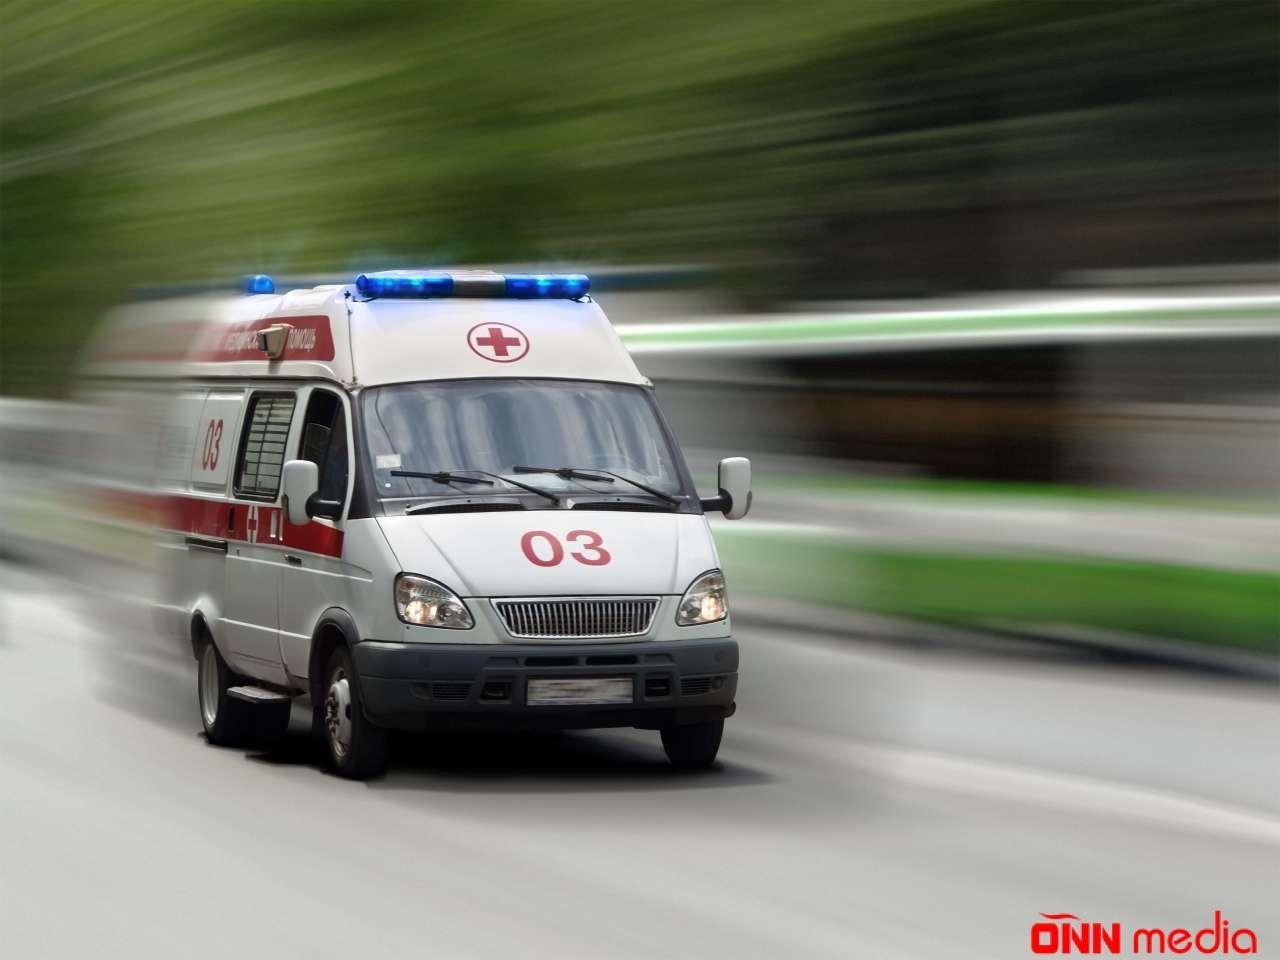 Rusiyada DƏHŞƏTLİ QƏZA:  1 ölü, 32 yaralı